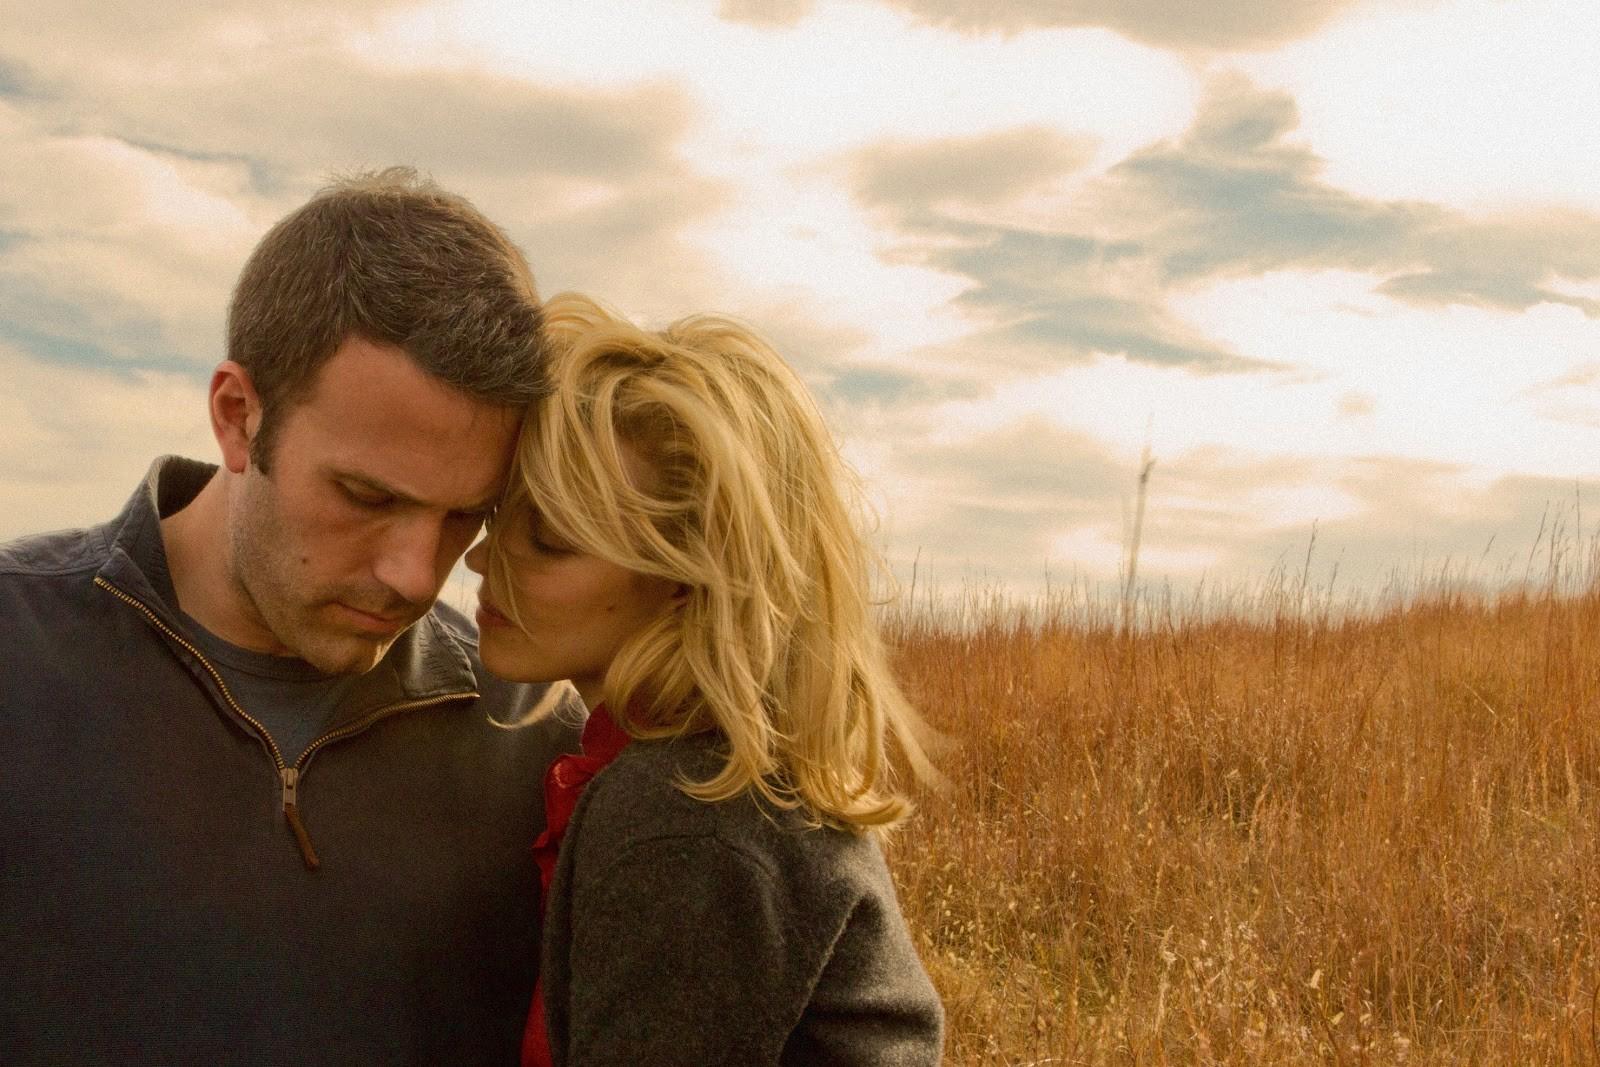 Cena de 'Amor Pleno', estrelado por Ben Affleck (Foto: Divulgação)